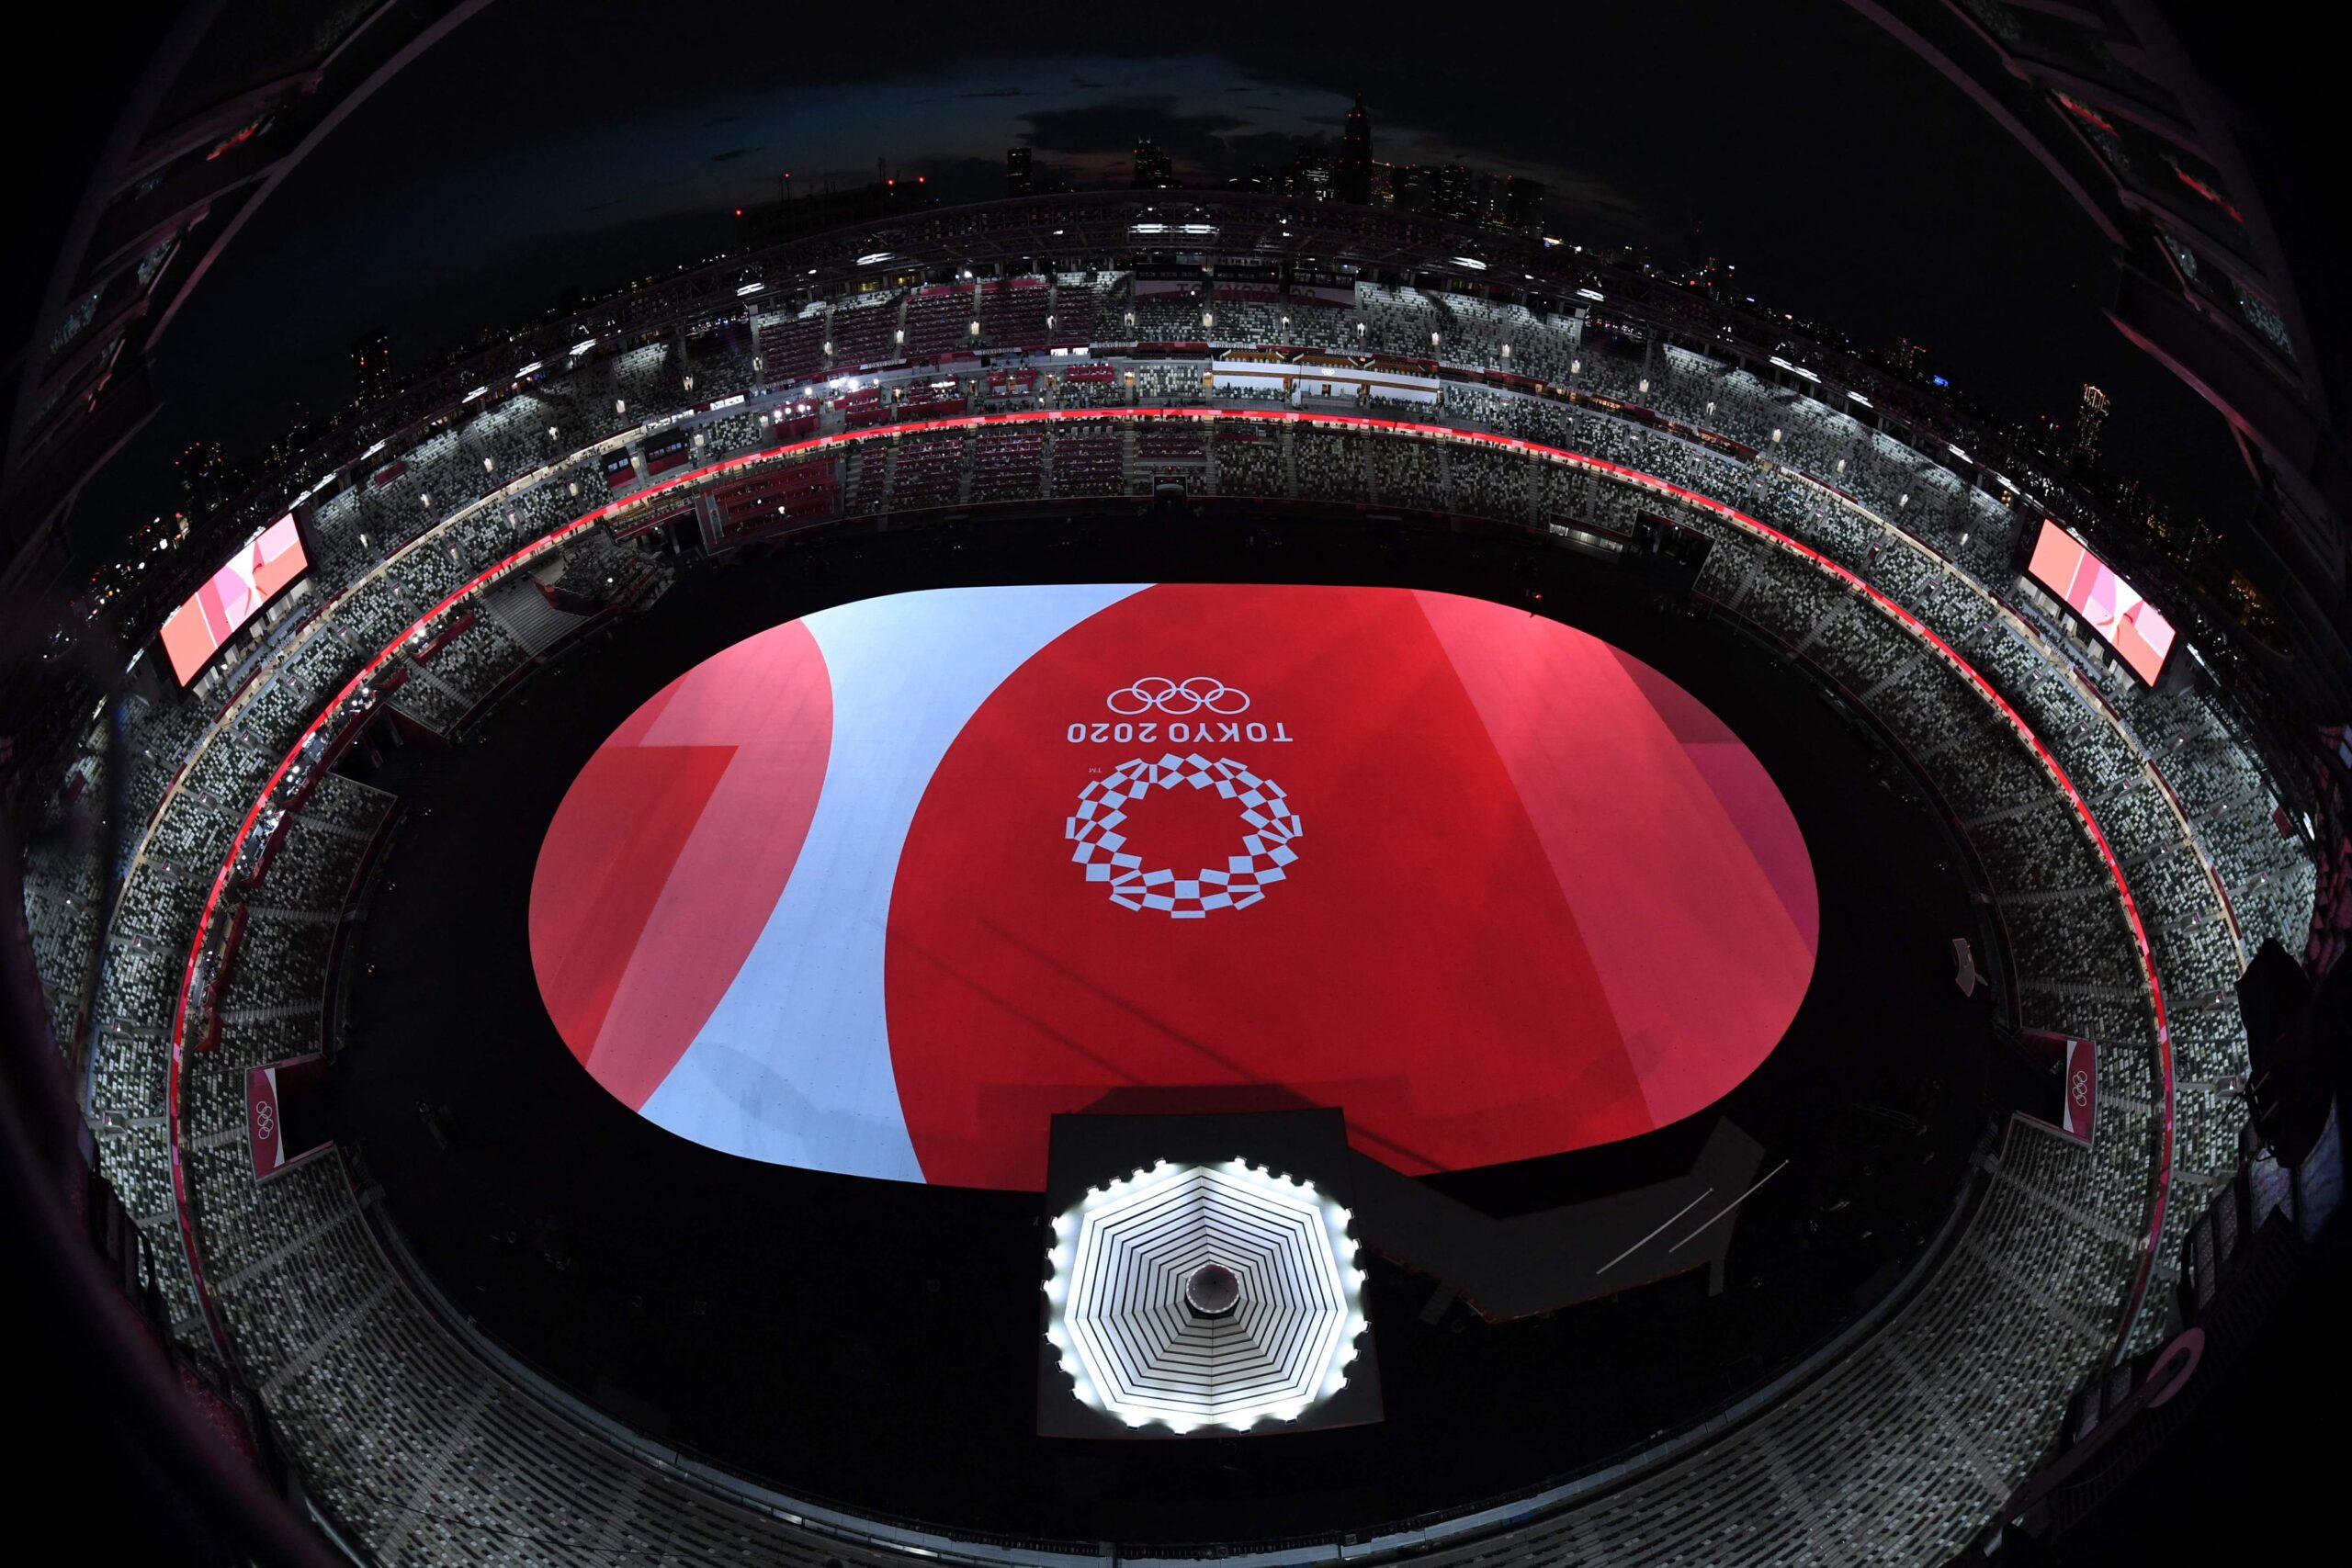 القنوات المفتوحة الناقلة لـ أولمبياد طوكيو 2020